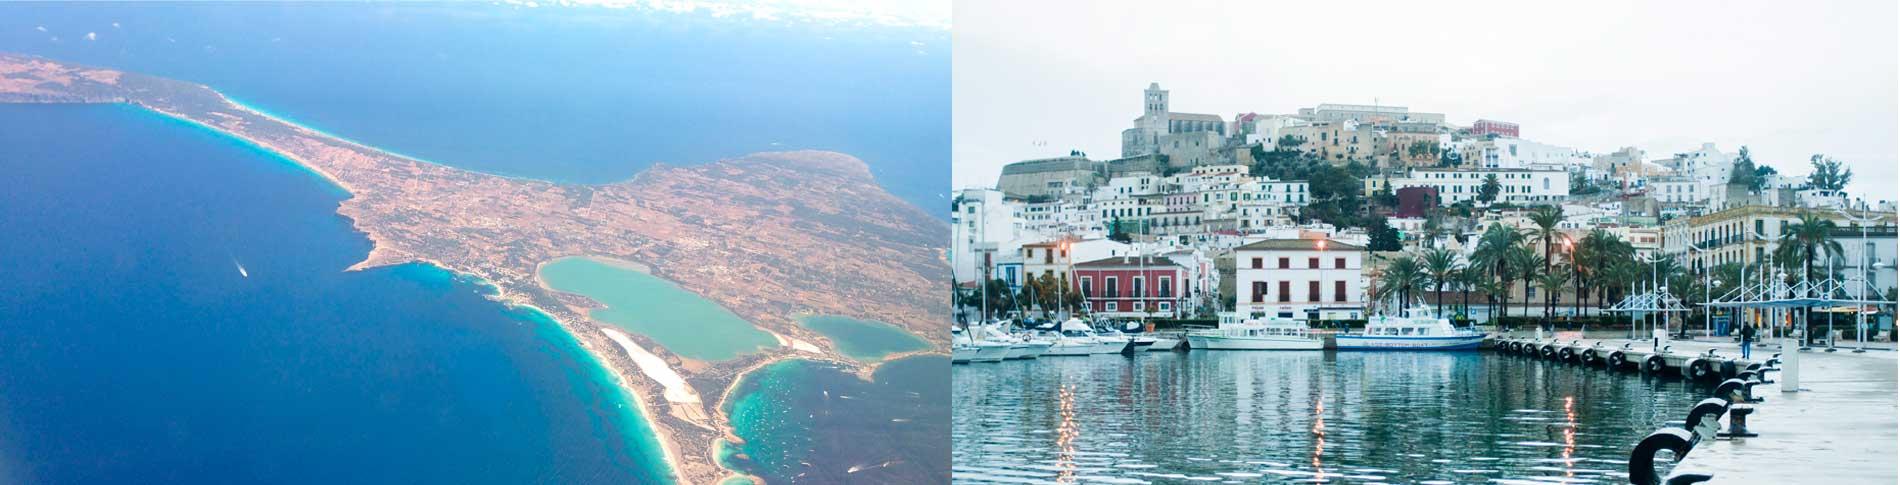 Come arrivare a Formentera